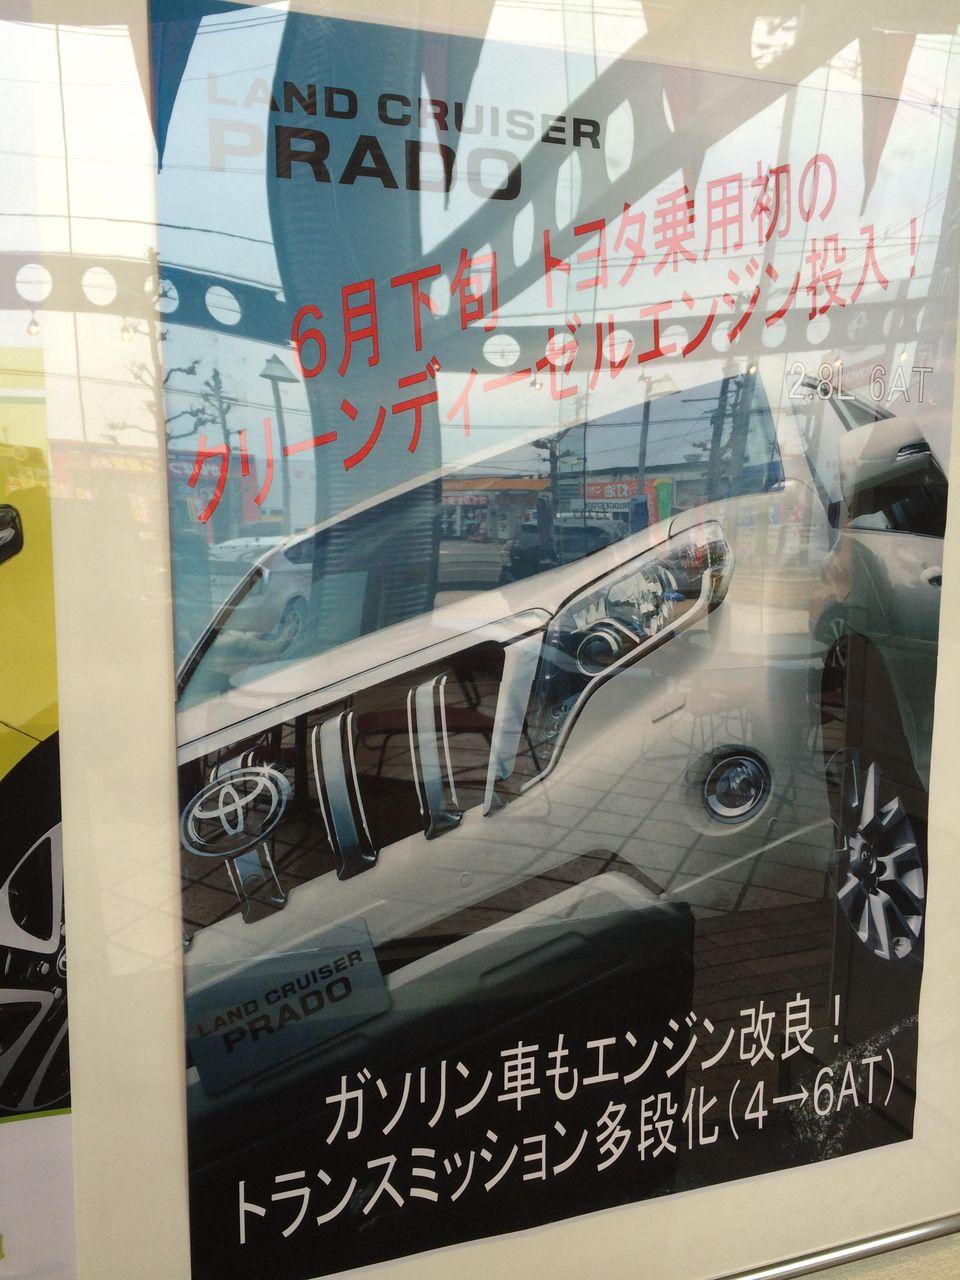 2016-Toyota-Prado-ad-poster-leaked